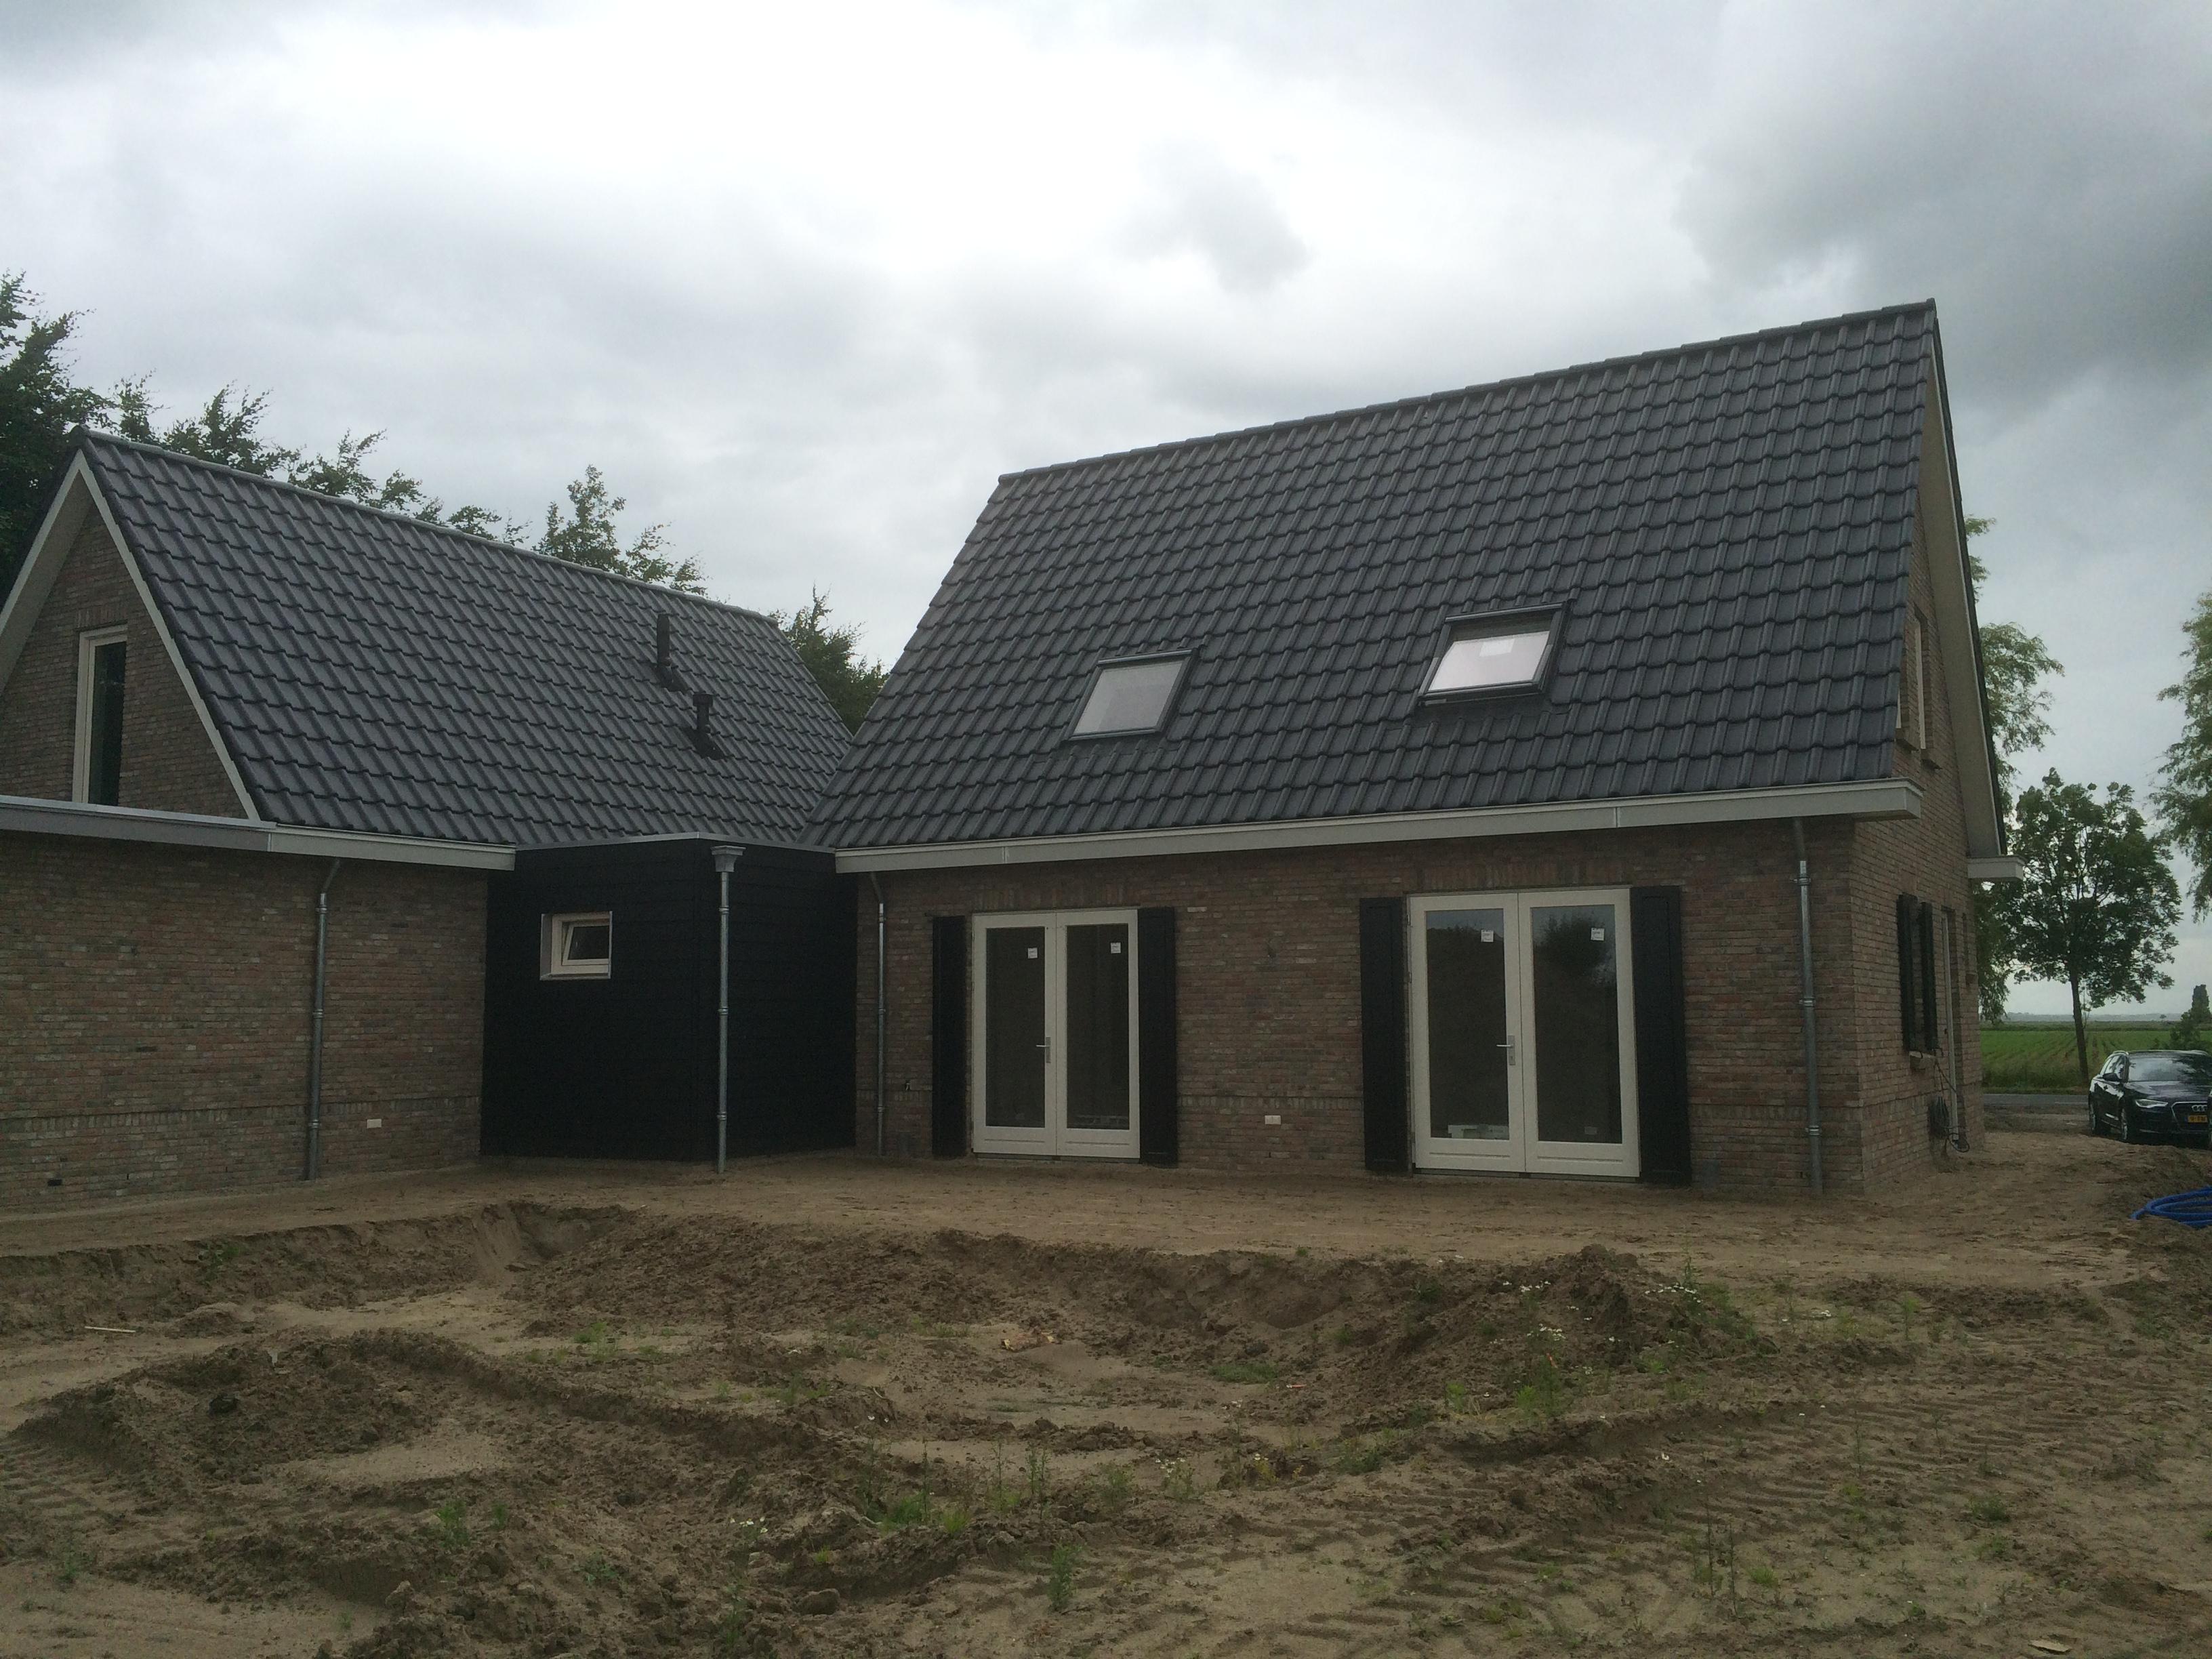 Kangoeroewoning te nijkerk eigen huis bouwen for Zelf huis bouwen kostprijs